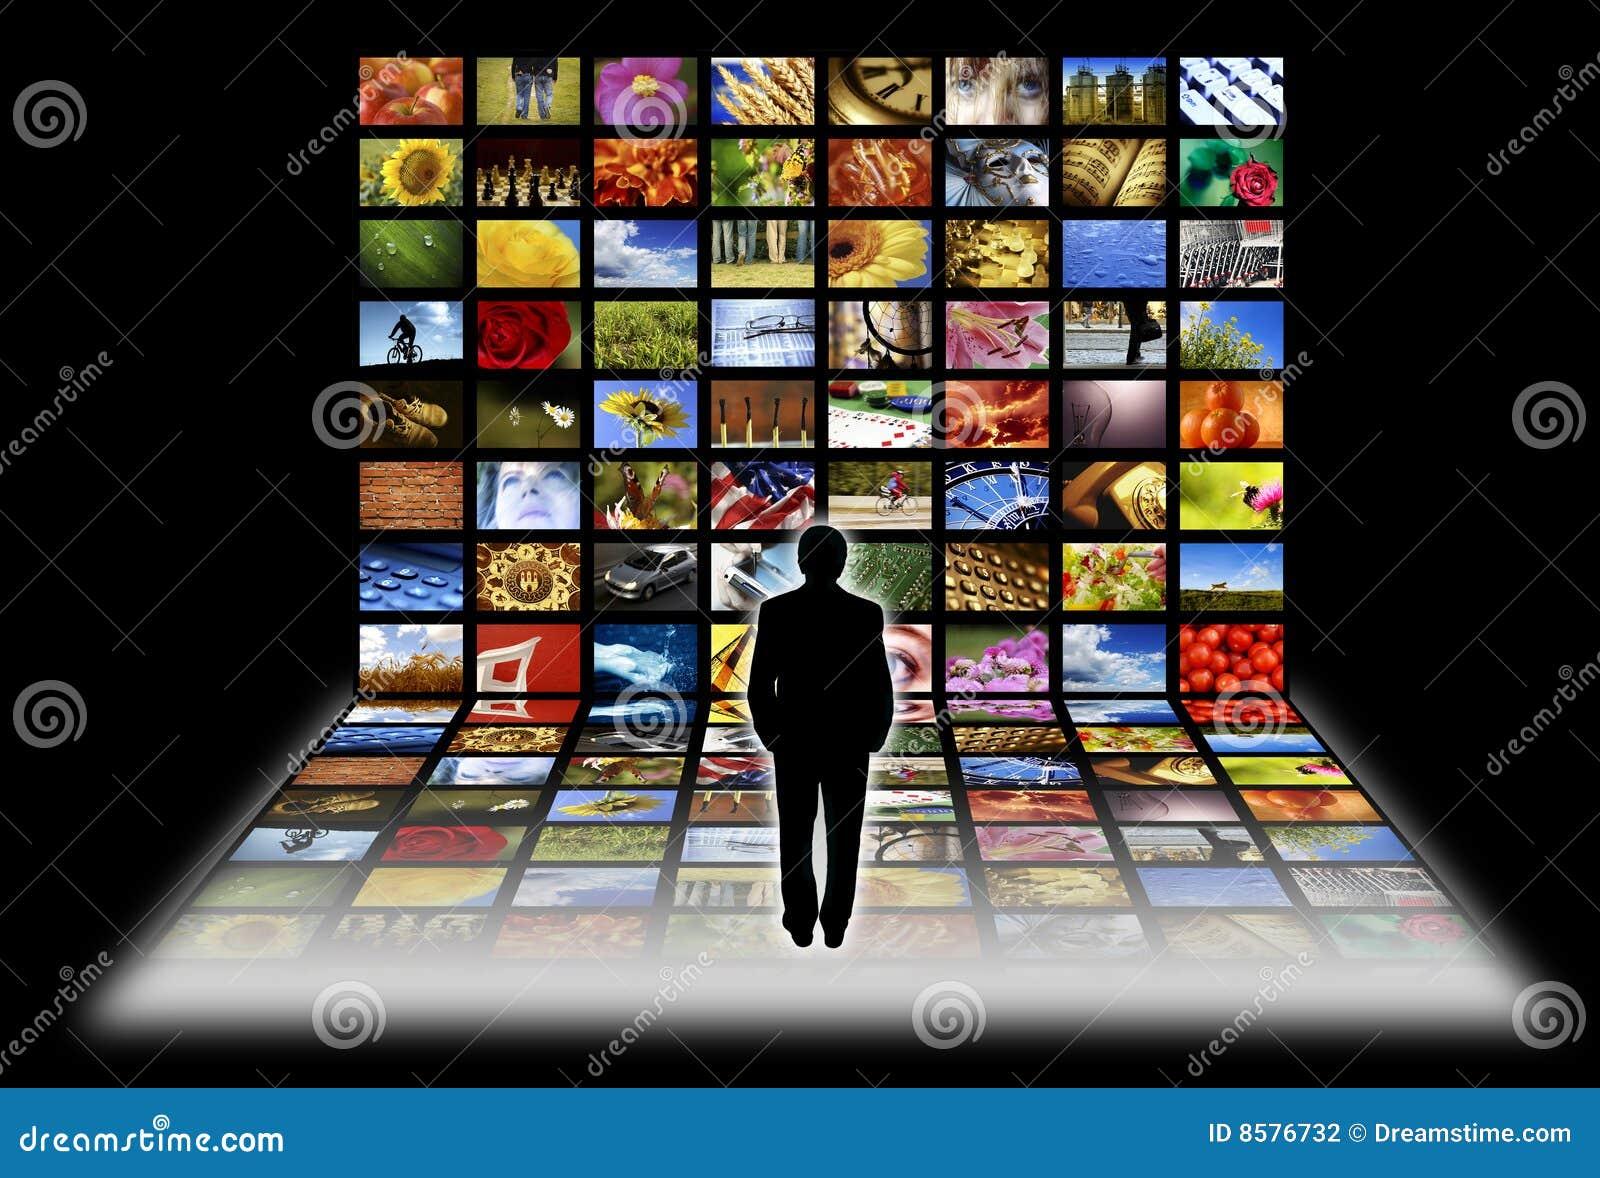 Смотреть где много каналов 16 фотография